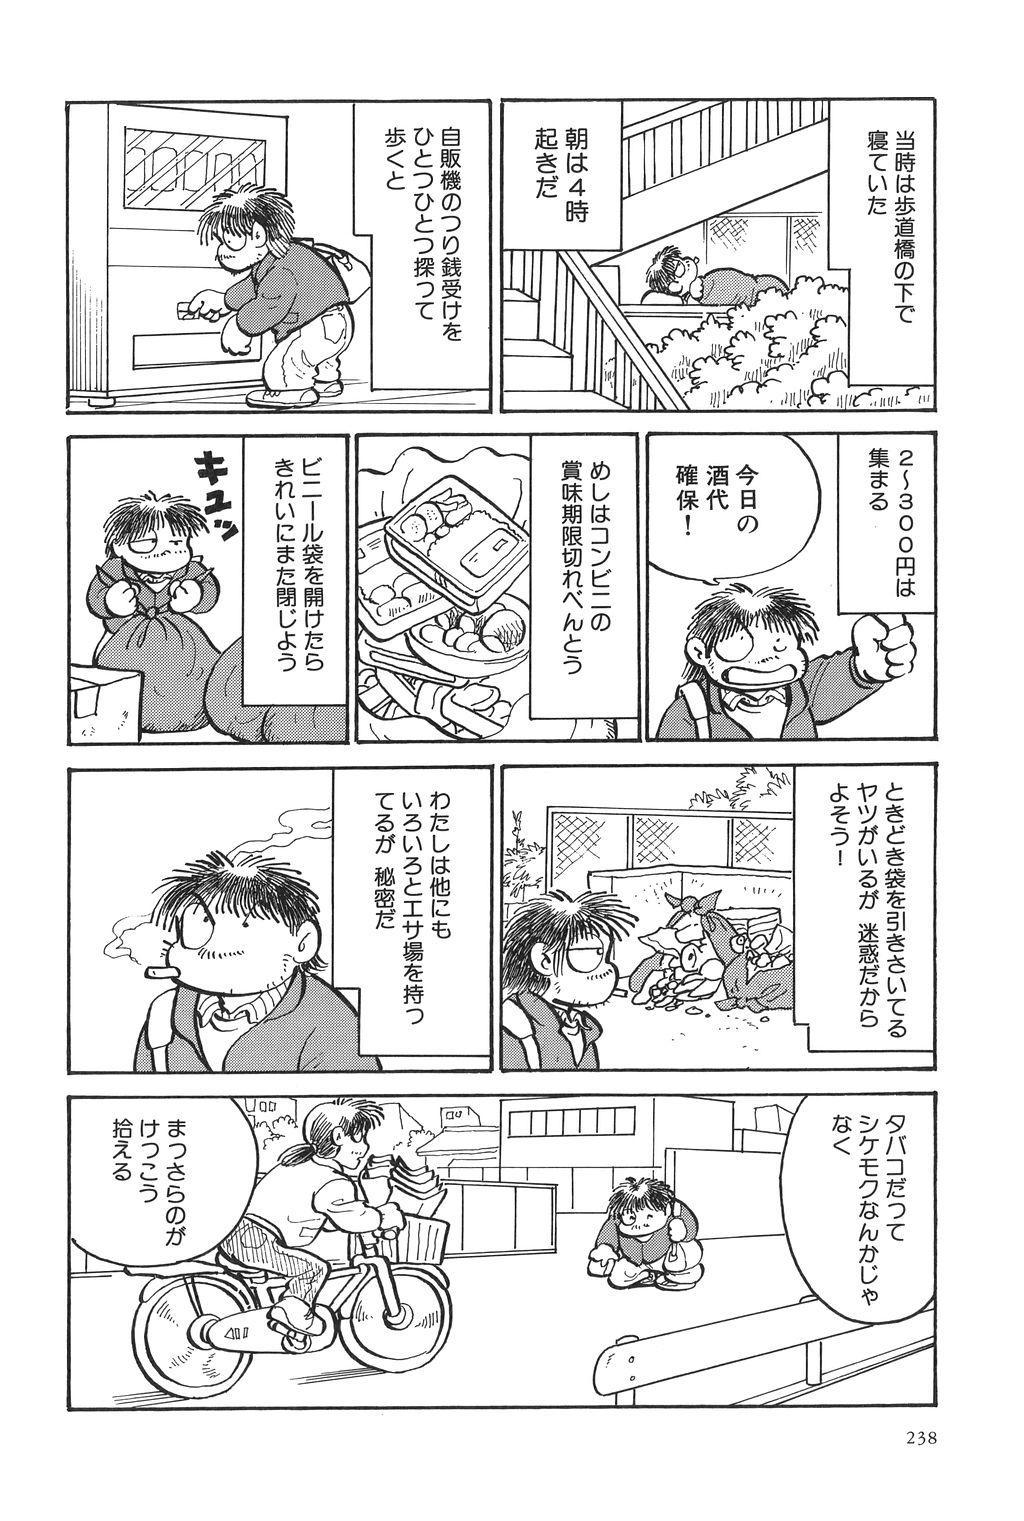 Azuma Hideo Sakuhin Shuusei - Yoru no Tobari no Naka de 240